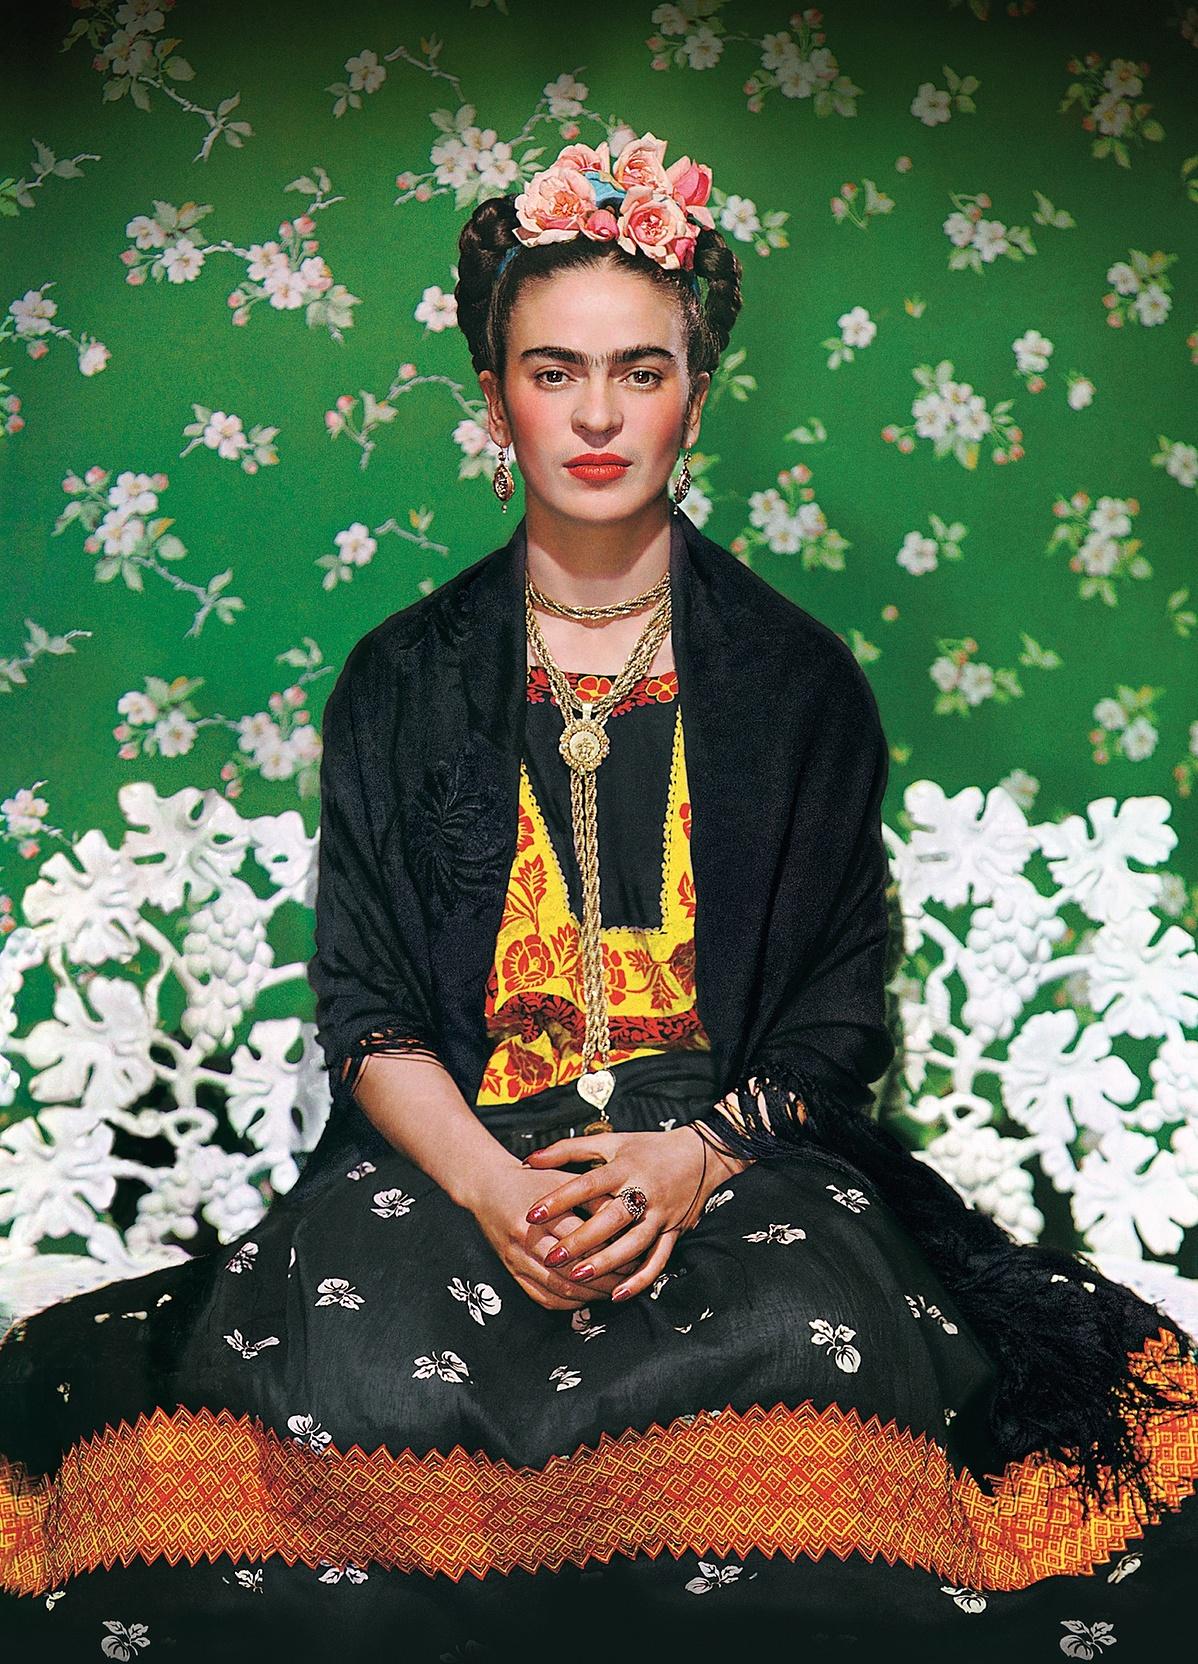 Frida-Kahlo-foto--Muray-Miklos-1939-125614.jpg